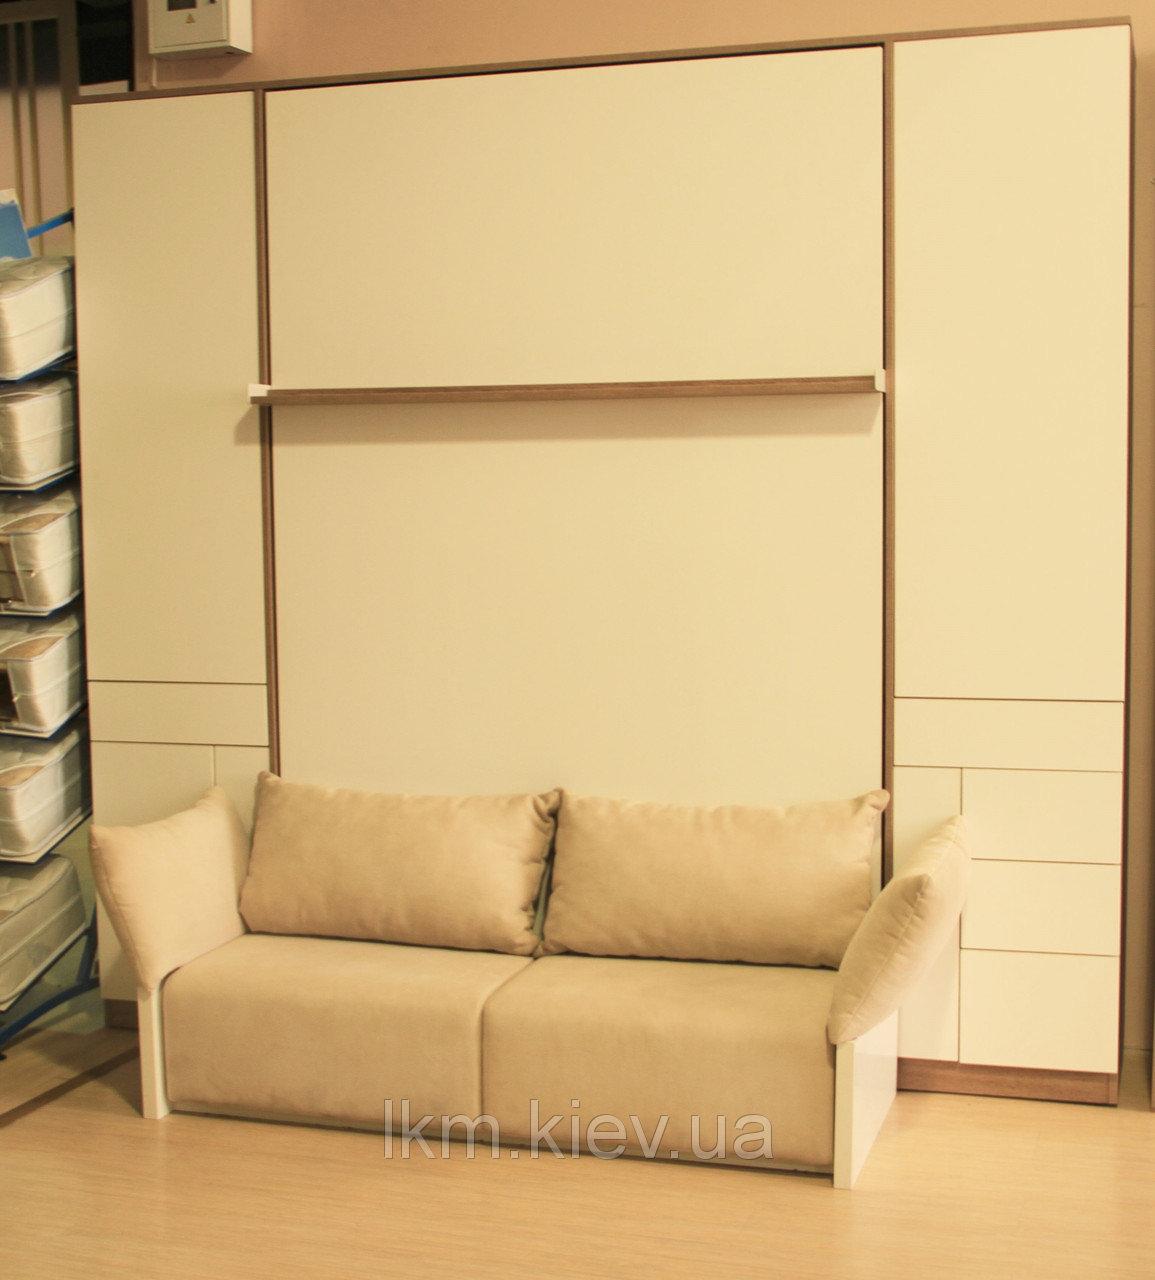 Шкаф-кровать-диван Aston